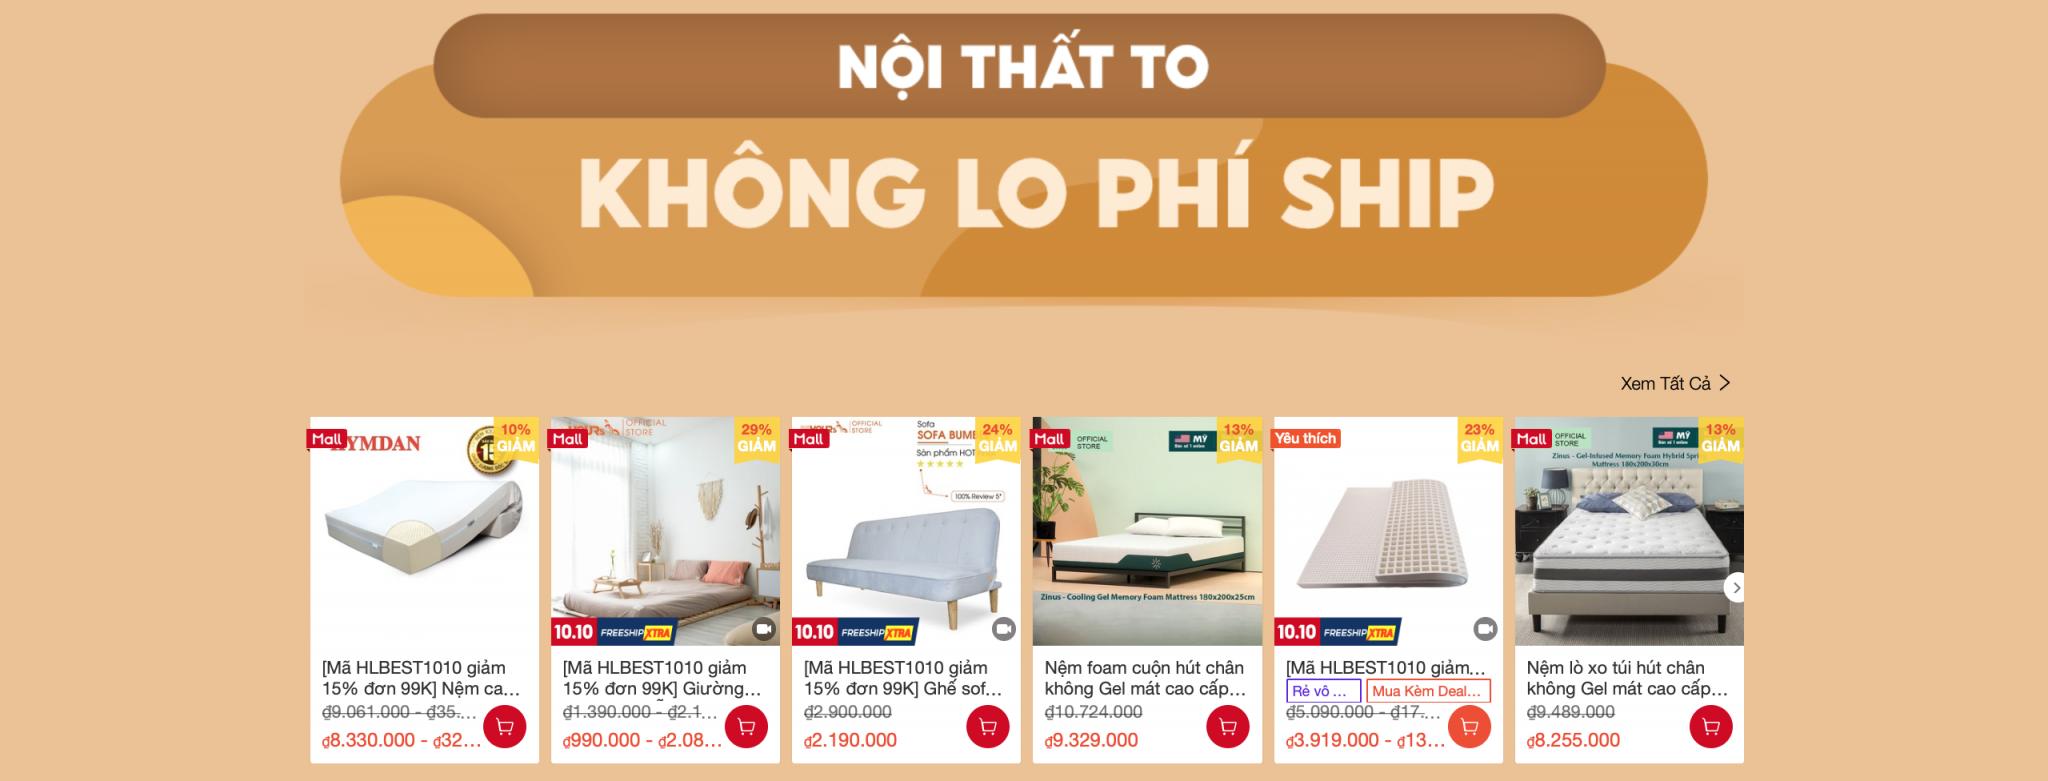 Mua đồ nội thất decor giảm giá trên Shopee 10.10 6